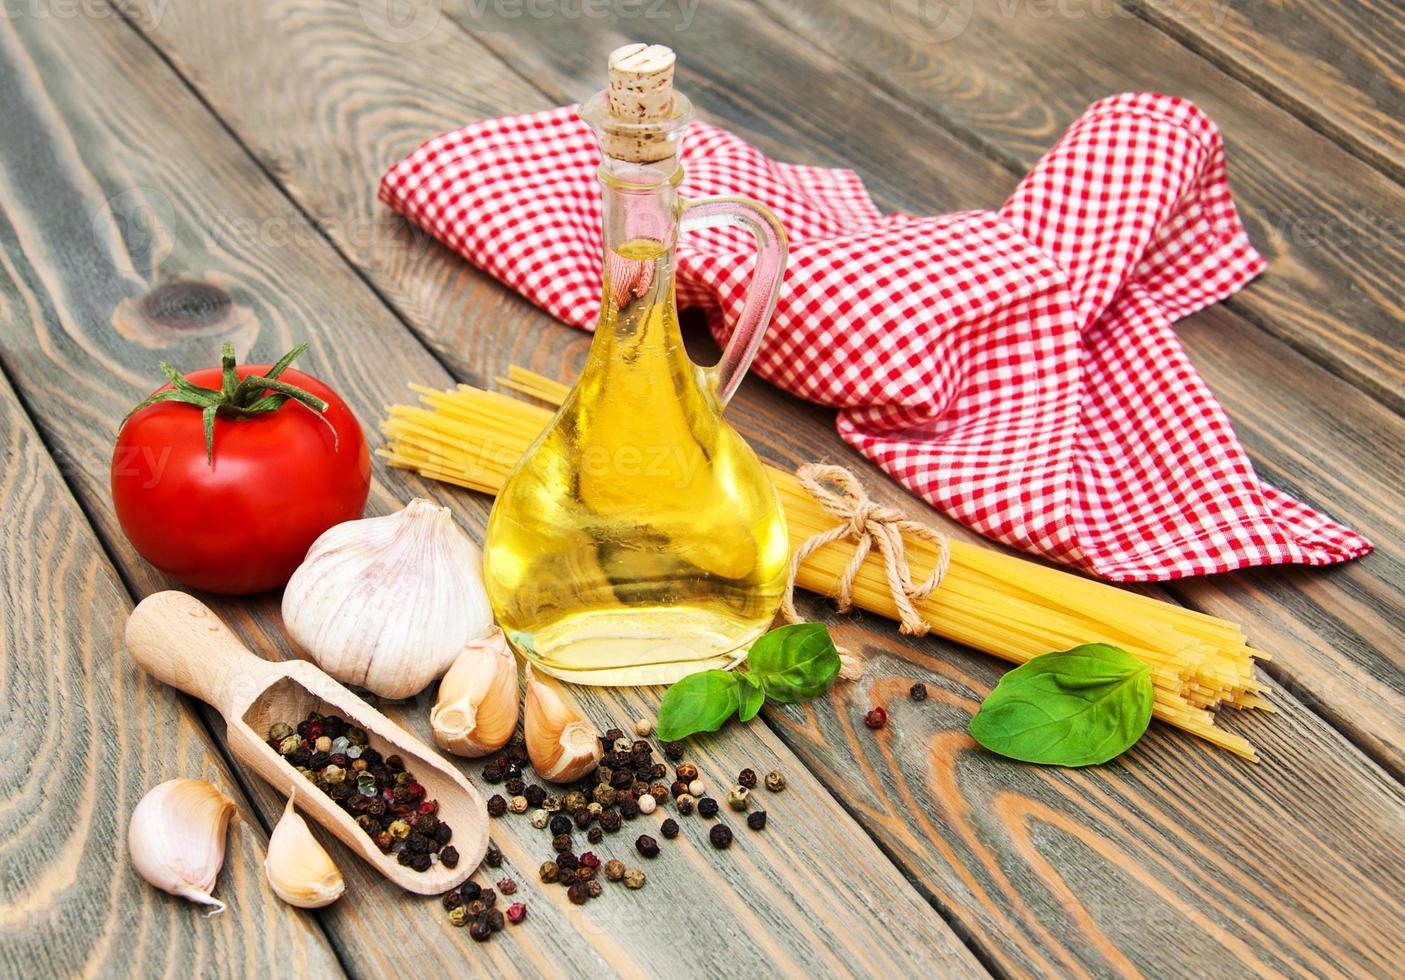 aceite de oliva, albahaca, tomate y ajo foto